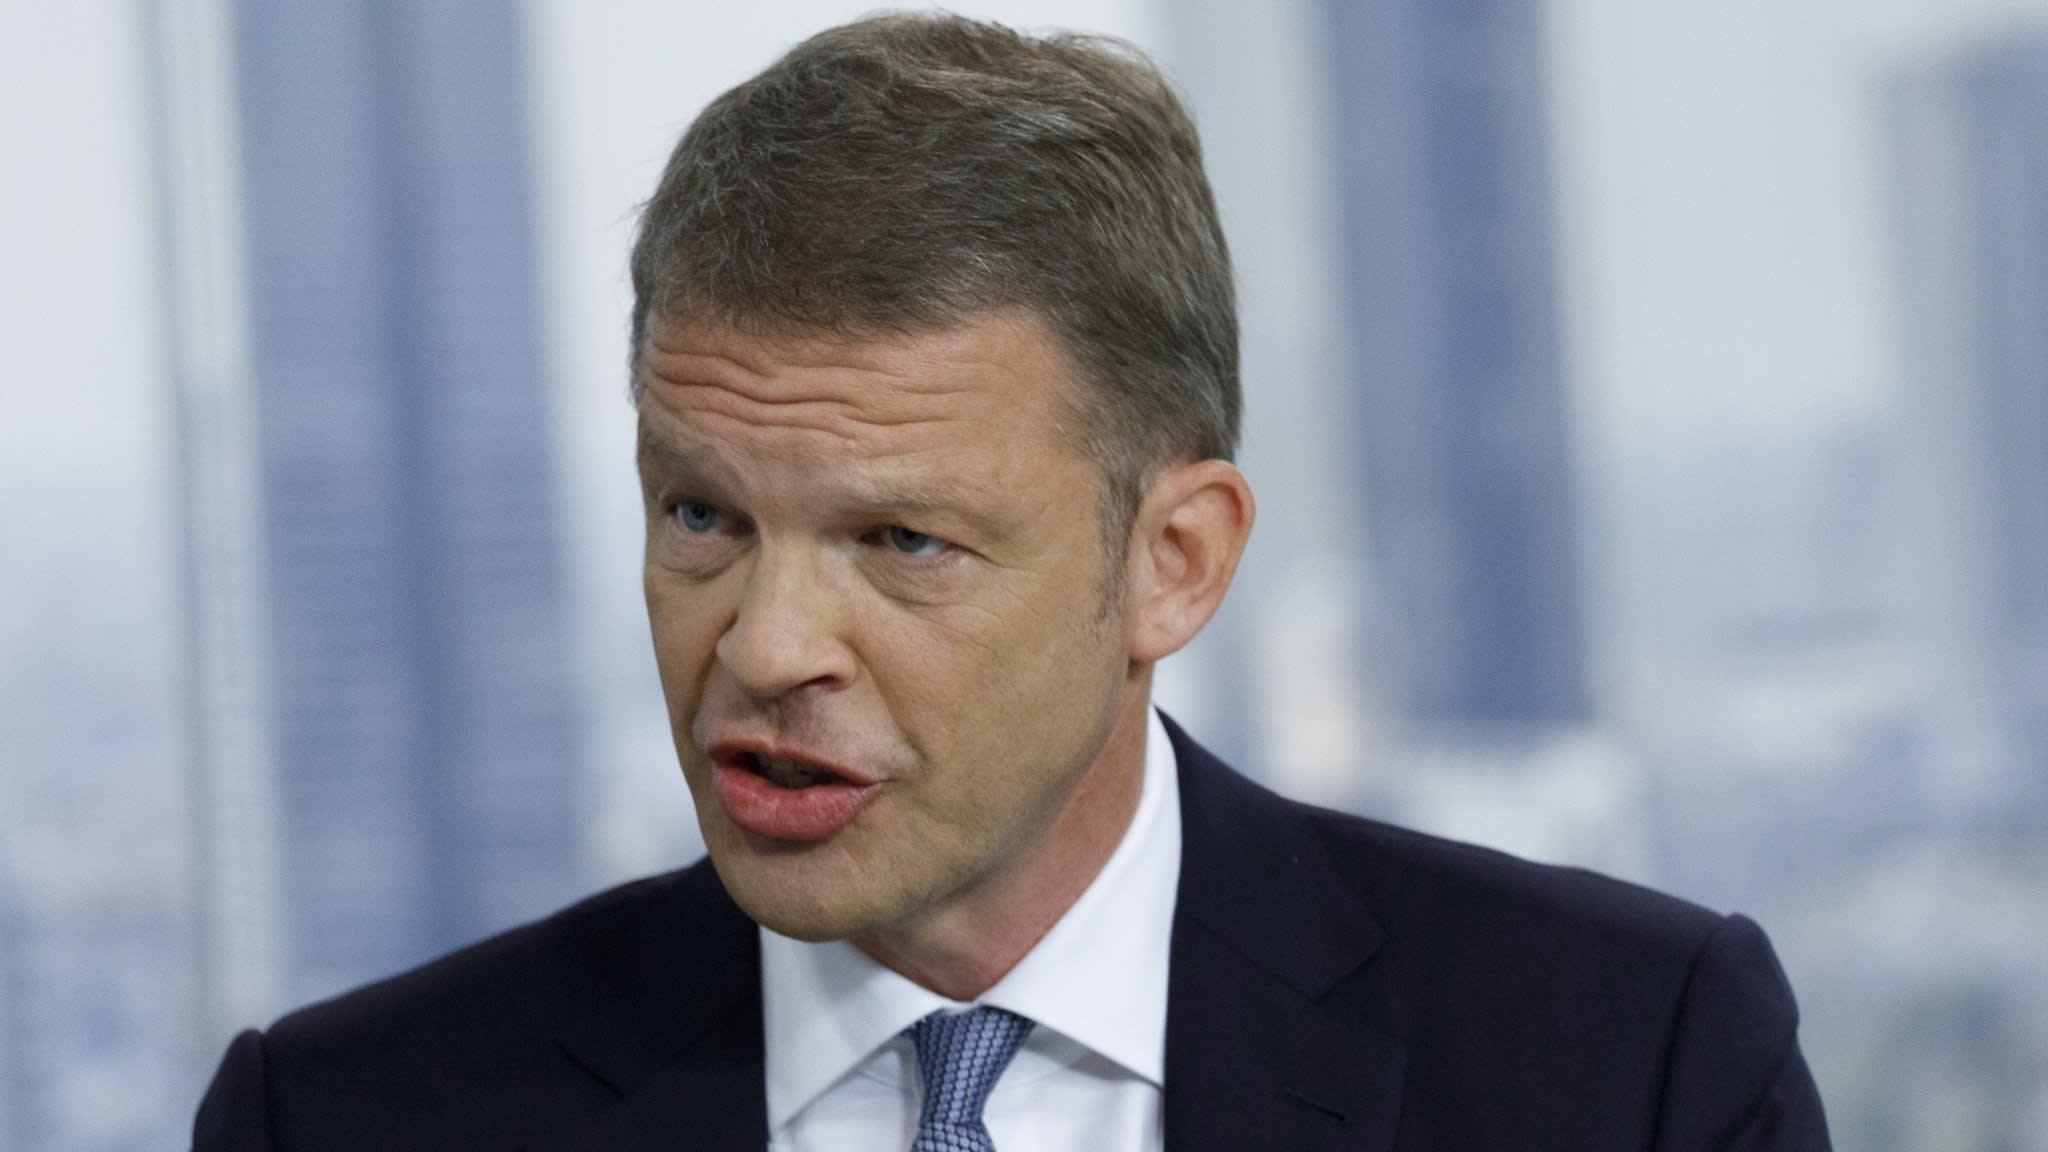 Deutsche hires Oliver Wyman consultancy to help on US stress test